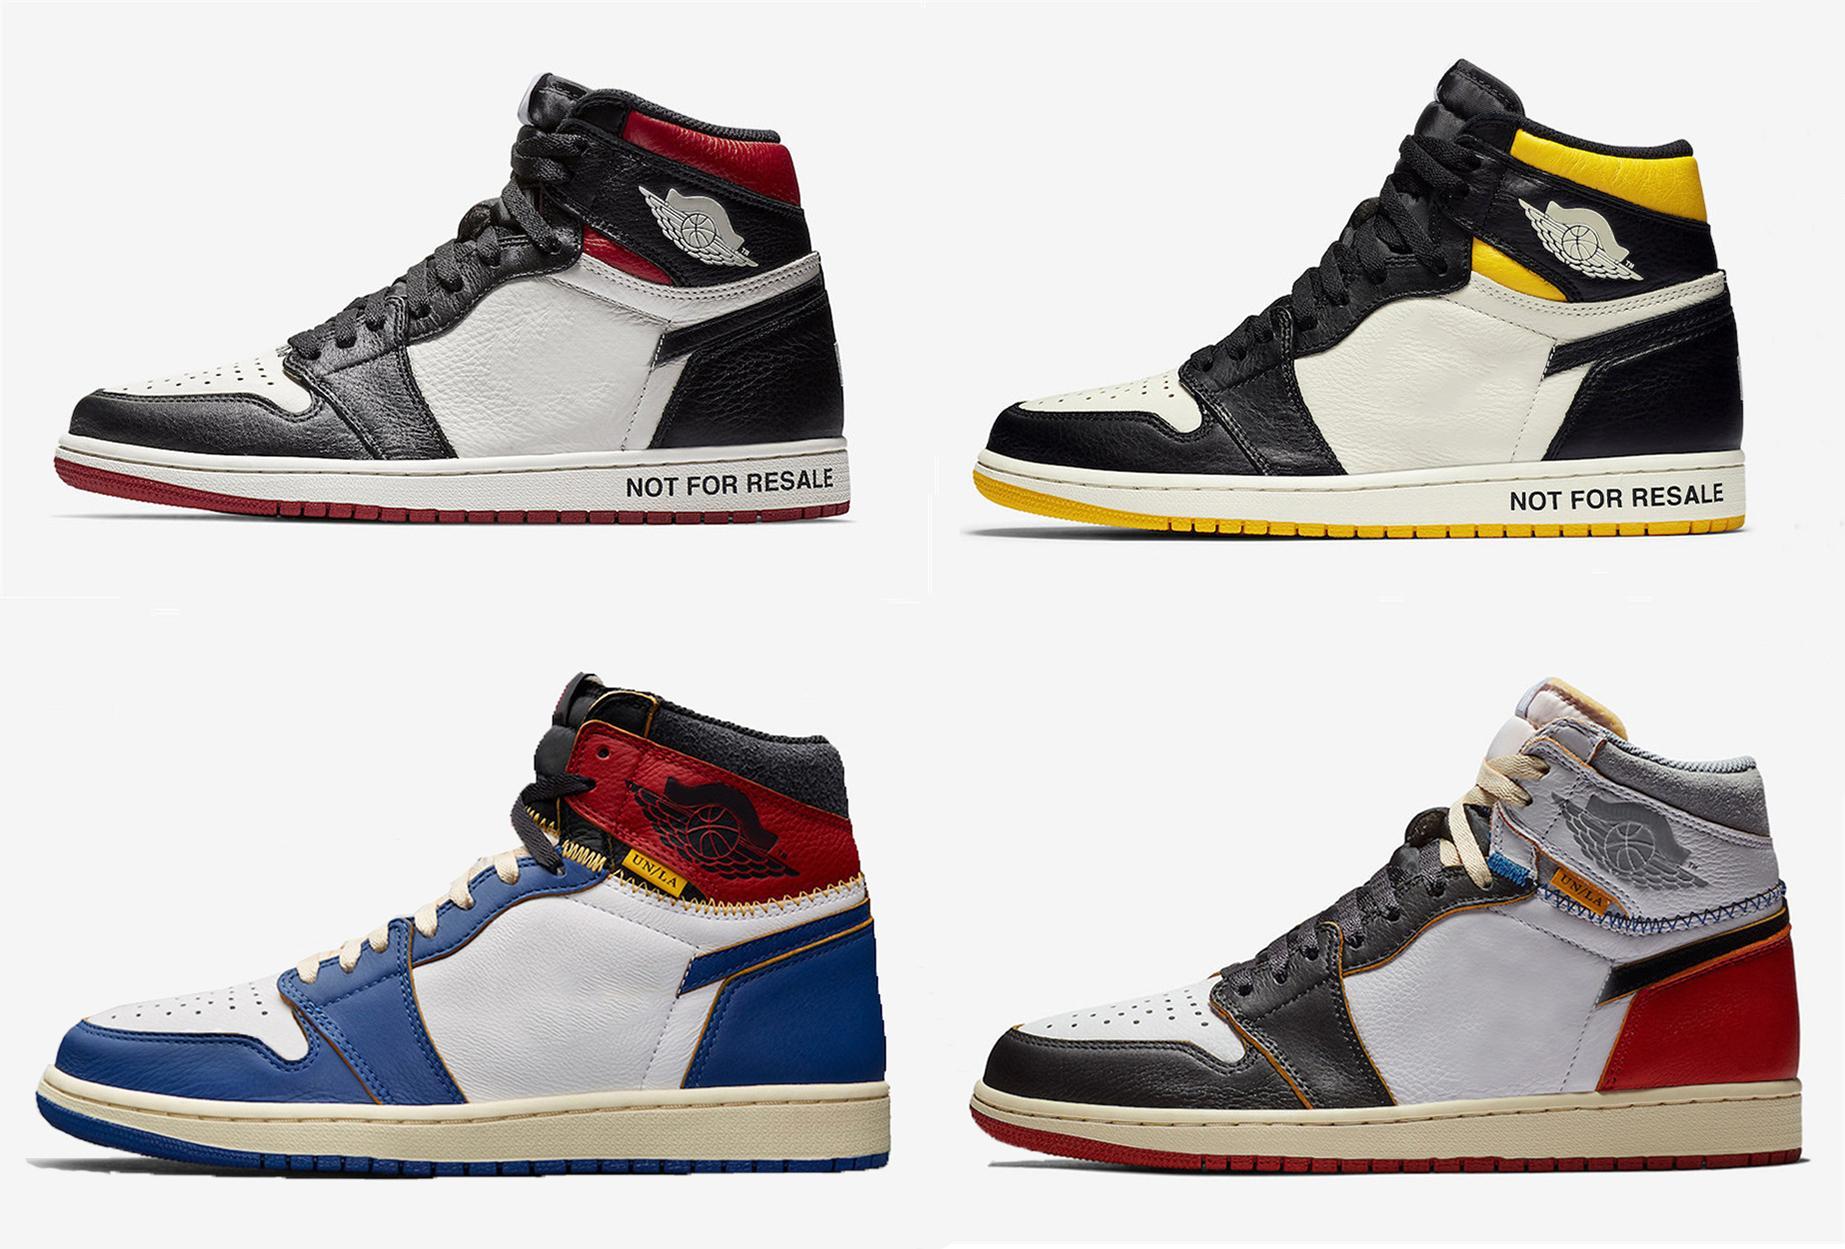 Nueva Unión de lanzamiento x 1 zapatillas de deporte de alta OG NRG no para los zapatos de baloncesto del hombre 1S Bred reventa Sin Ls Amarillo Negro Blanco real de cuero con OG Box